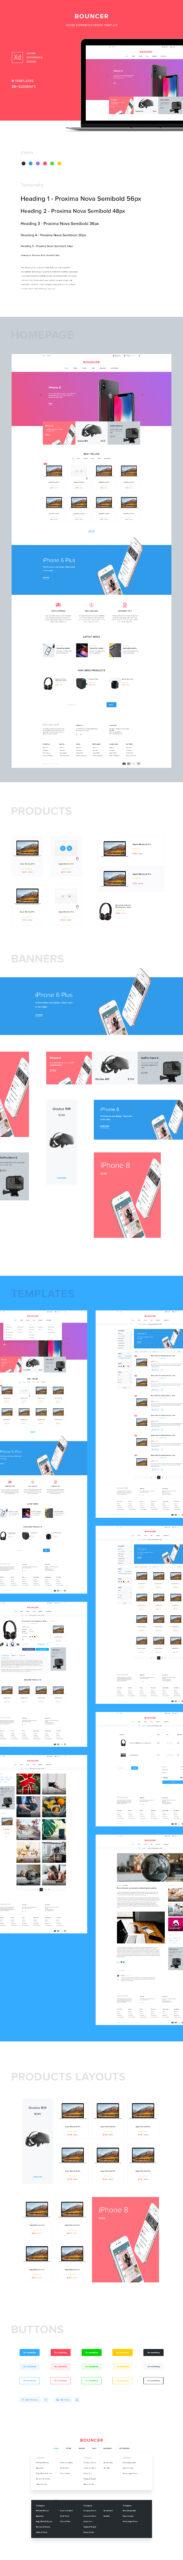 Bouncer-电子商务用户界面套件插图